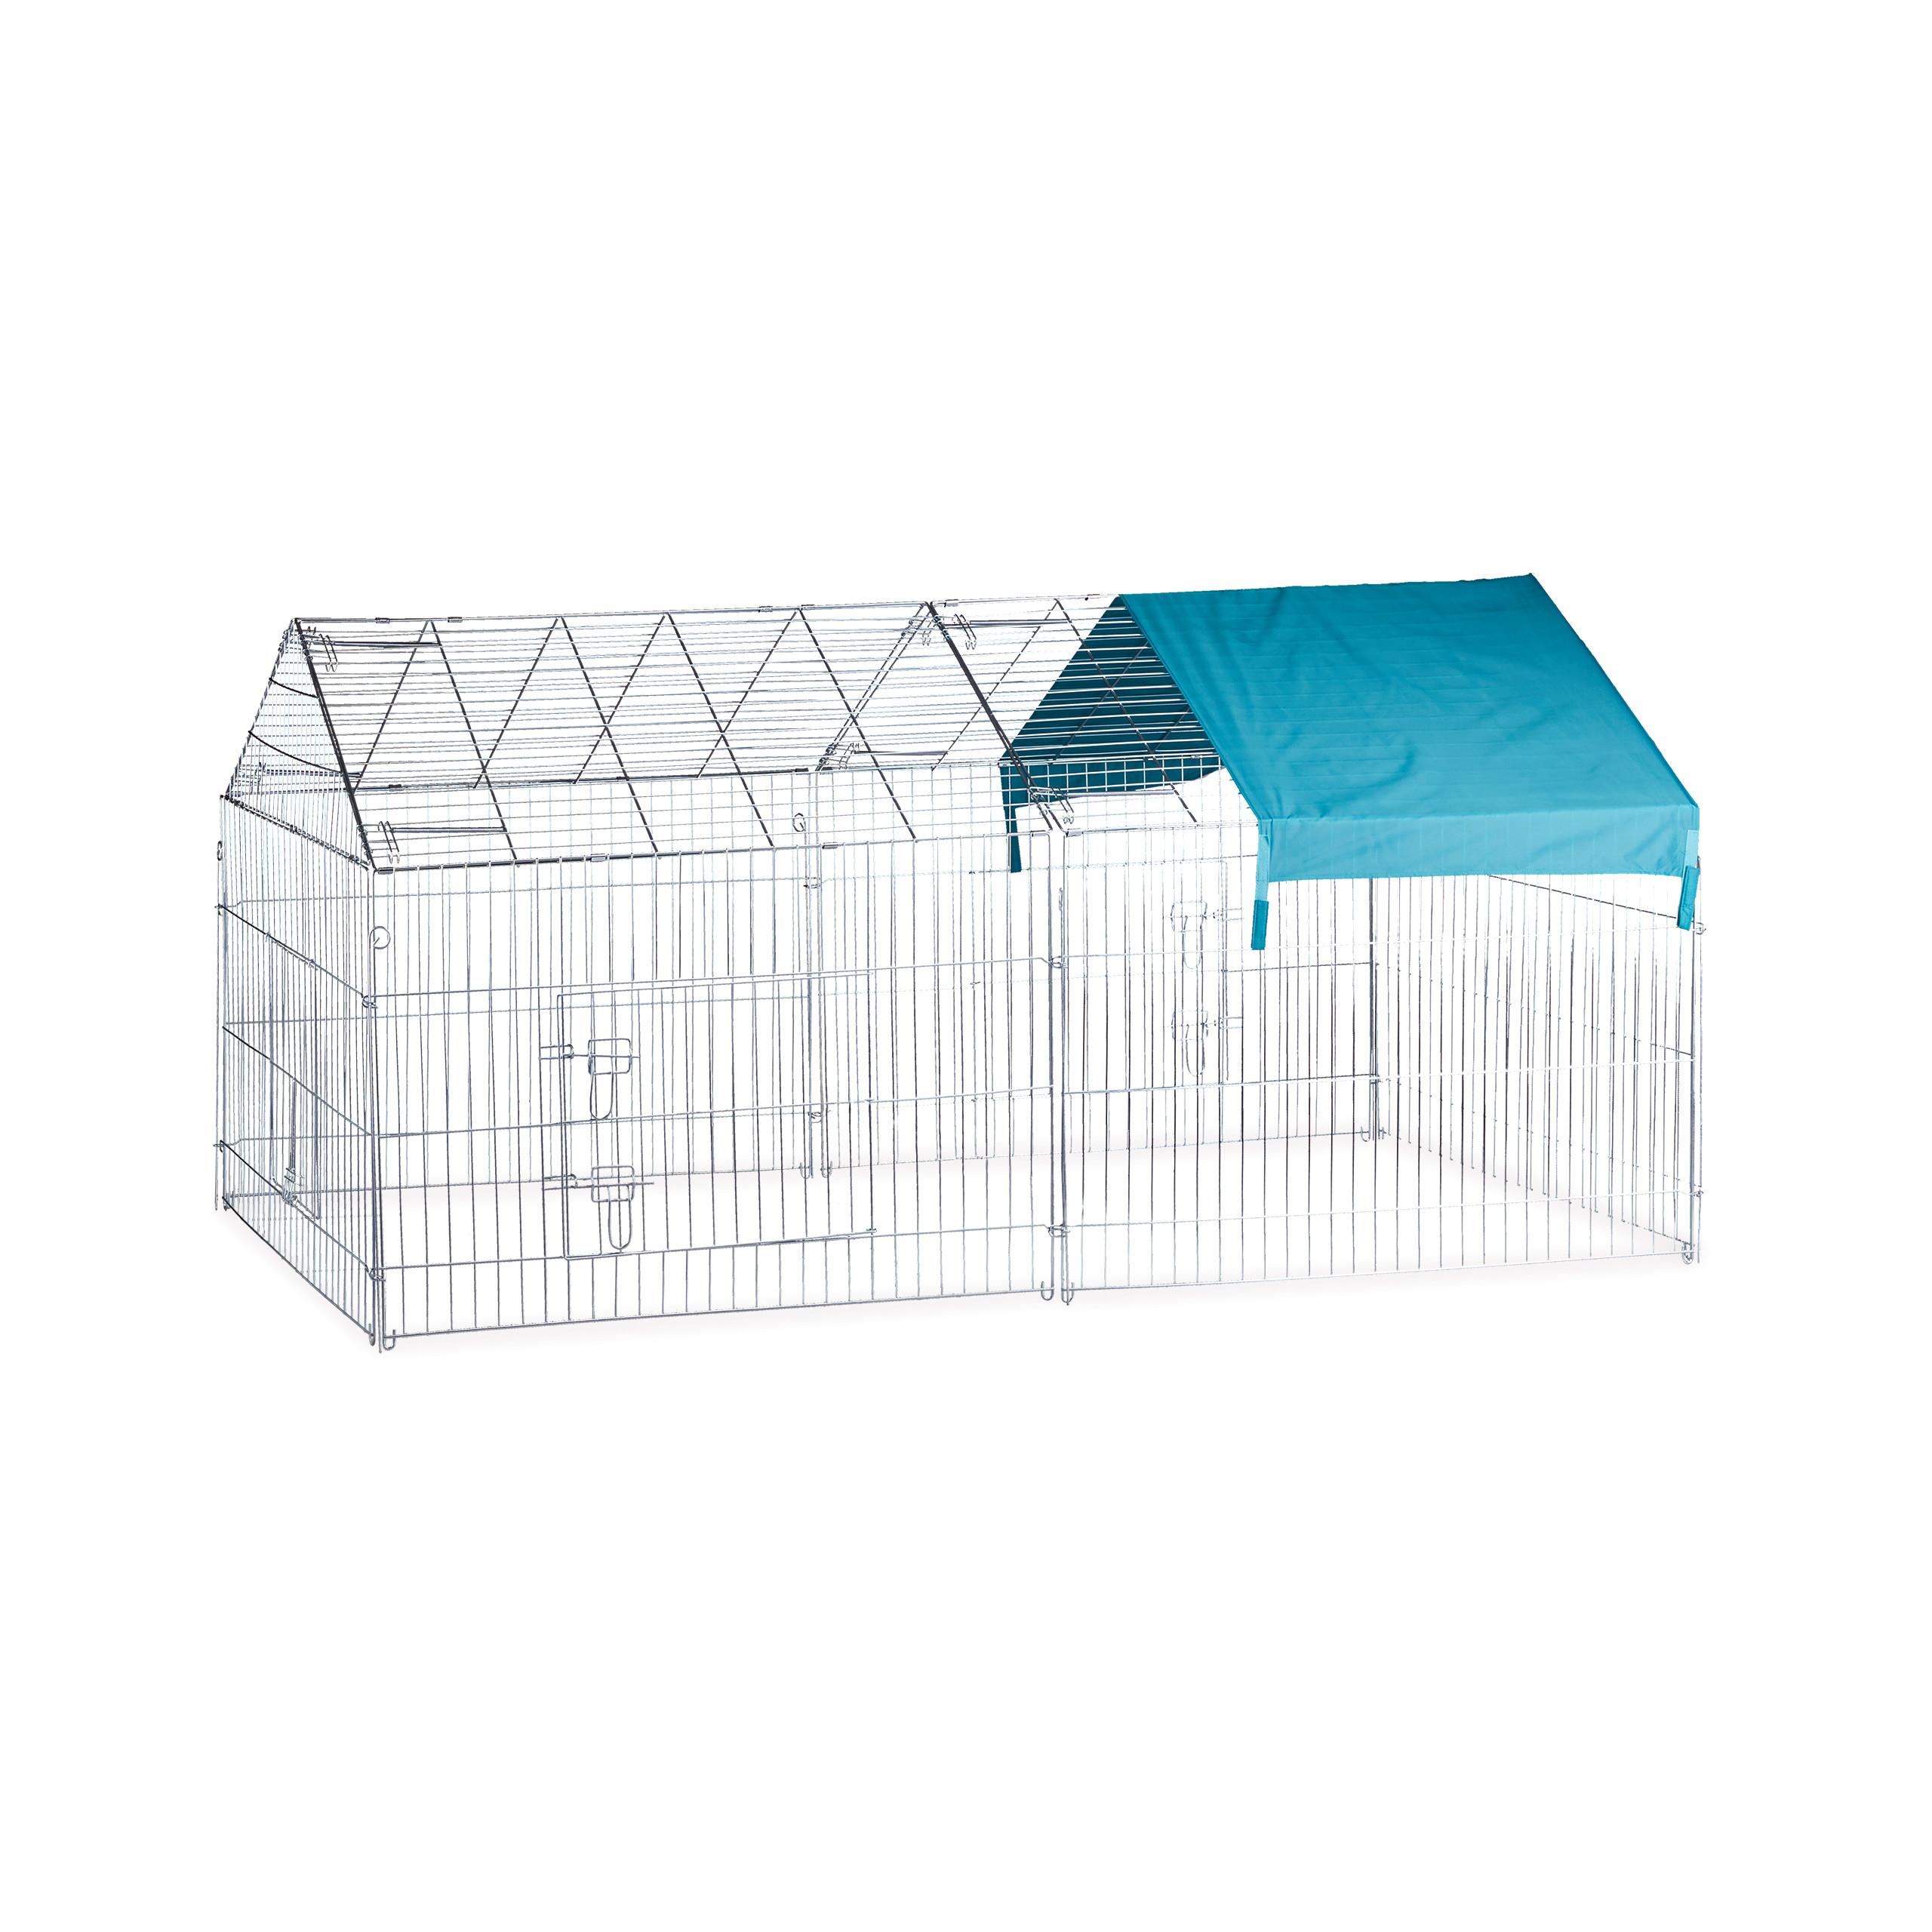 Freilaufgehege-Kaninchen-Huhner-Freigehege-Hasengehege-Huhnerauslauf-220cm-Stahl miniatuur 14